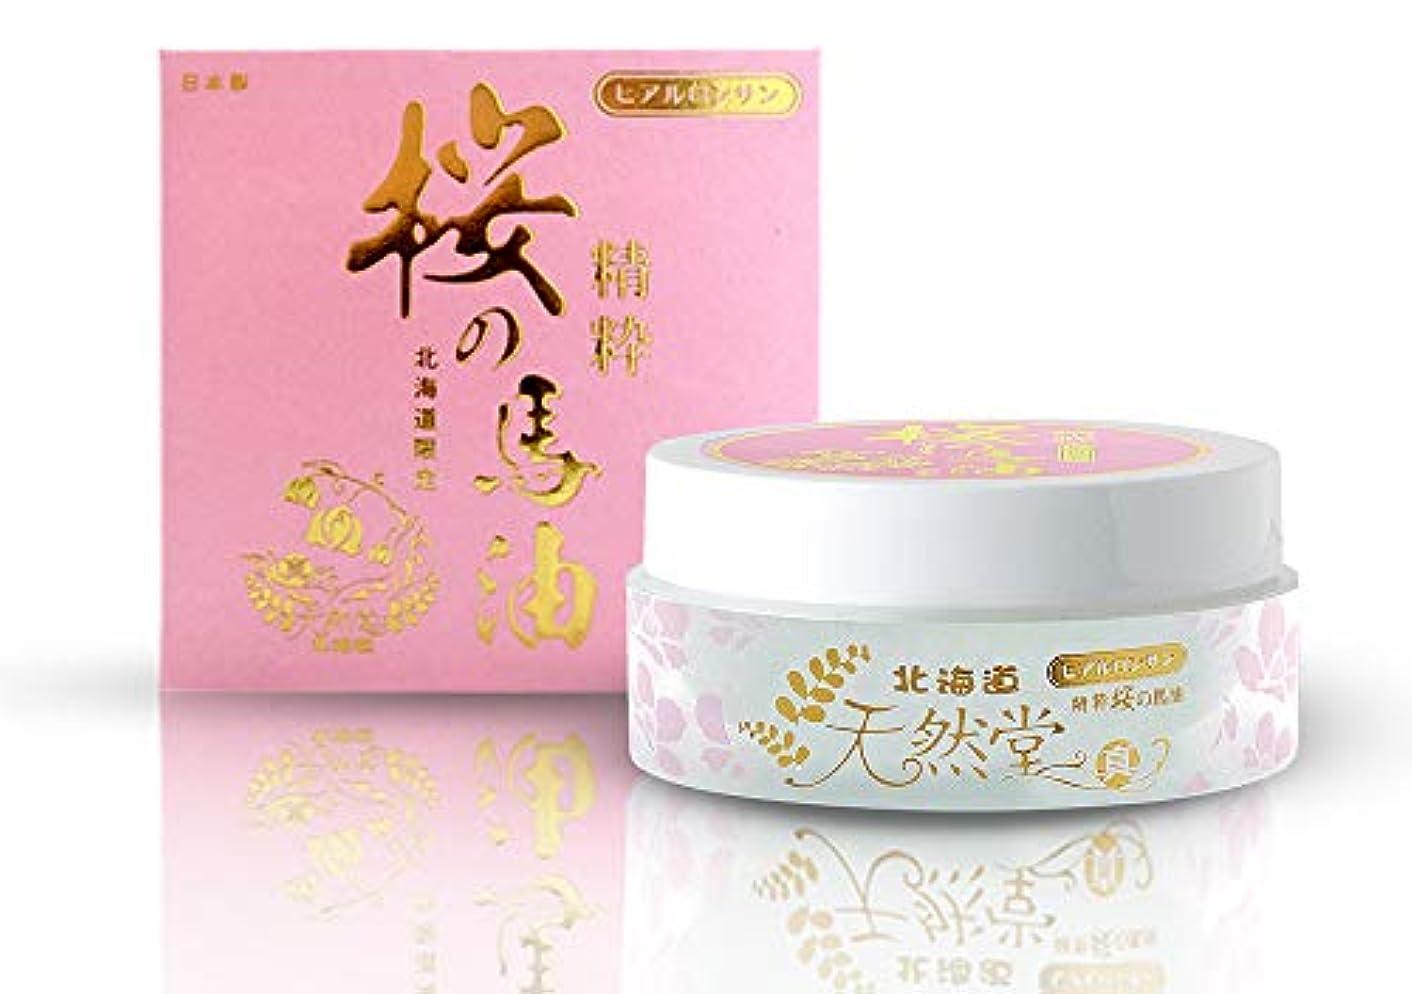 精粋桜の馬油クリーム 80g / 北海道天然堂